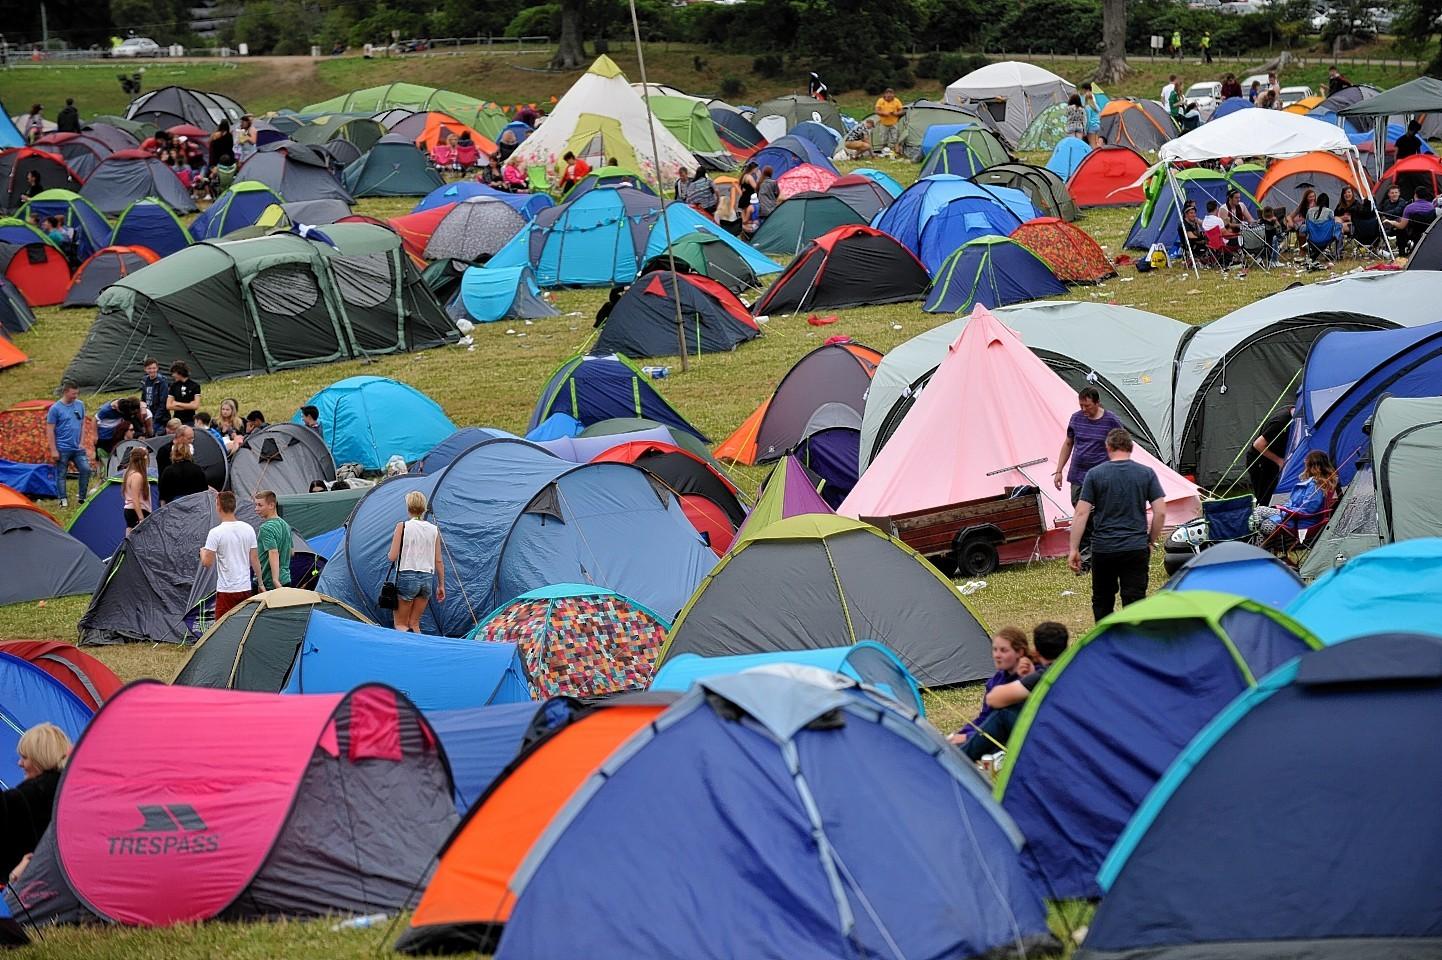 Belladrum met its target of becoming a zero waste festival